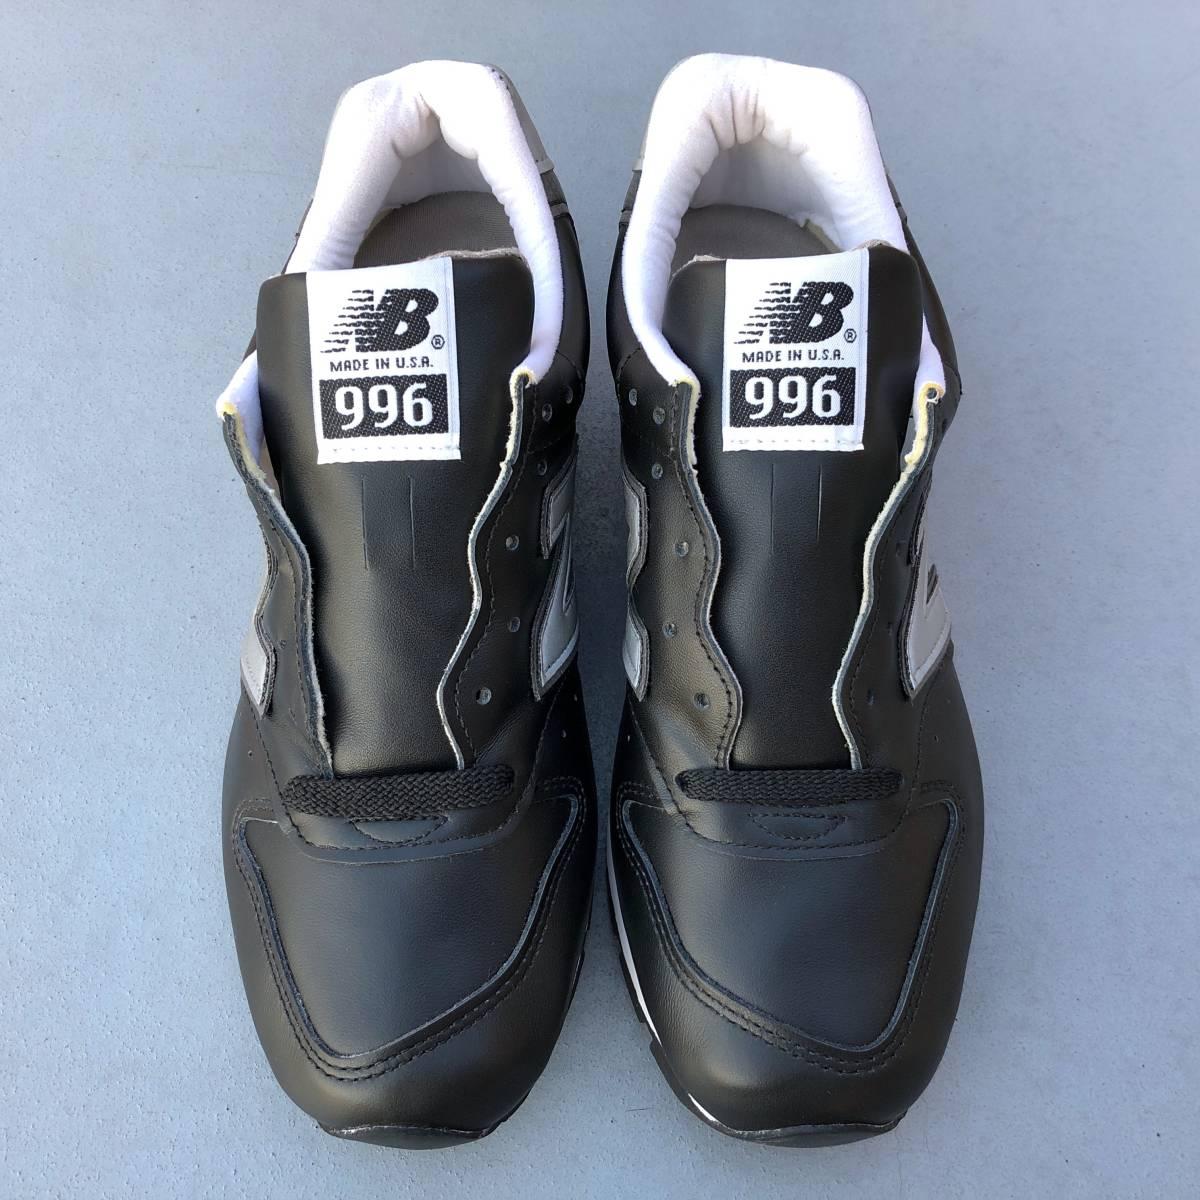 9b60fde59d7bd デッドストック USA製 オールレザー 2009年モデル New Balance M996LB ブラック×グレー US7D